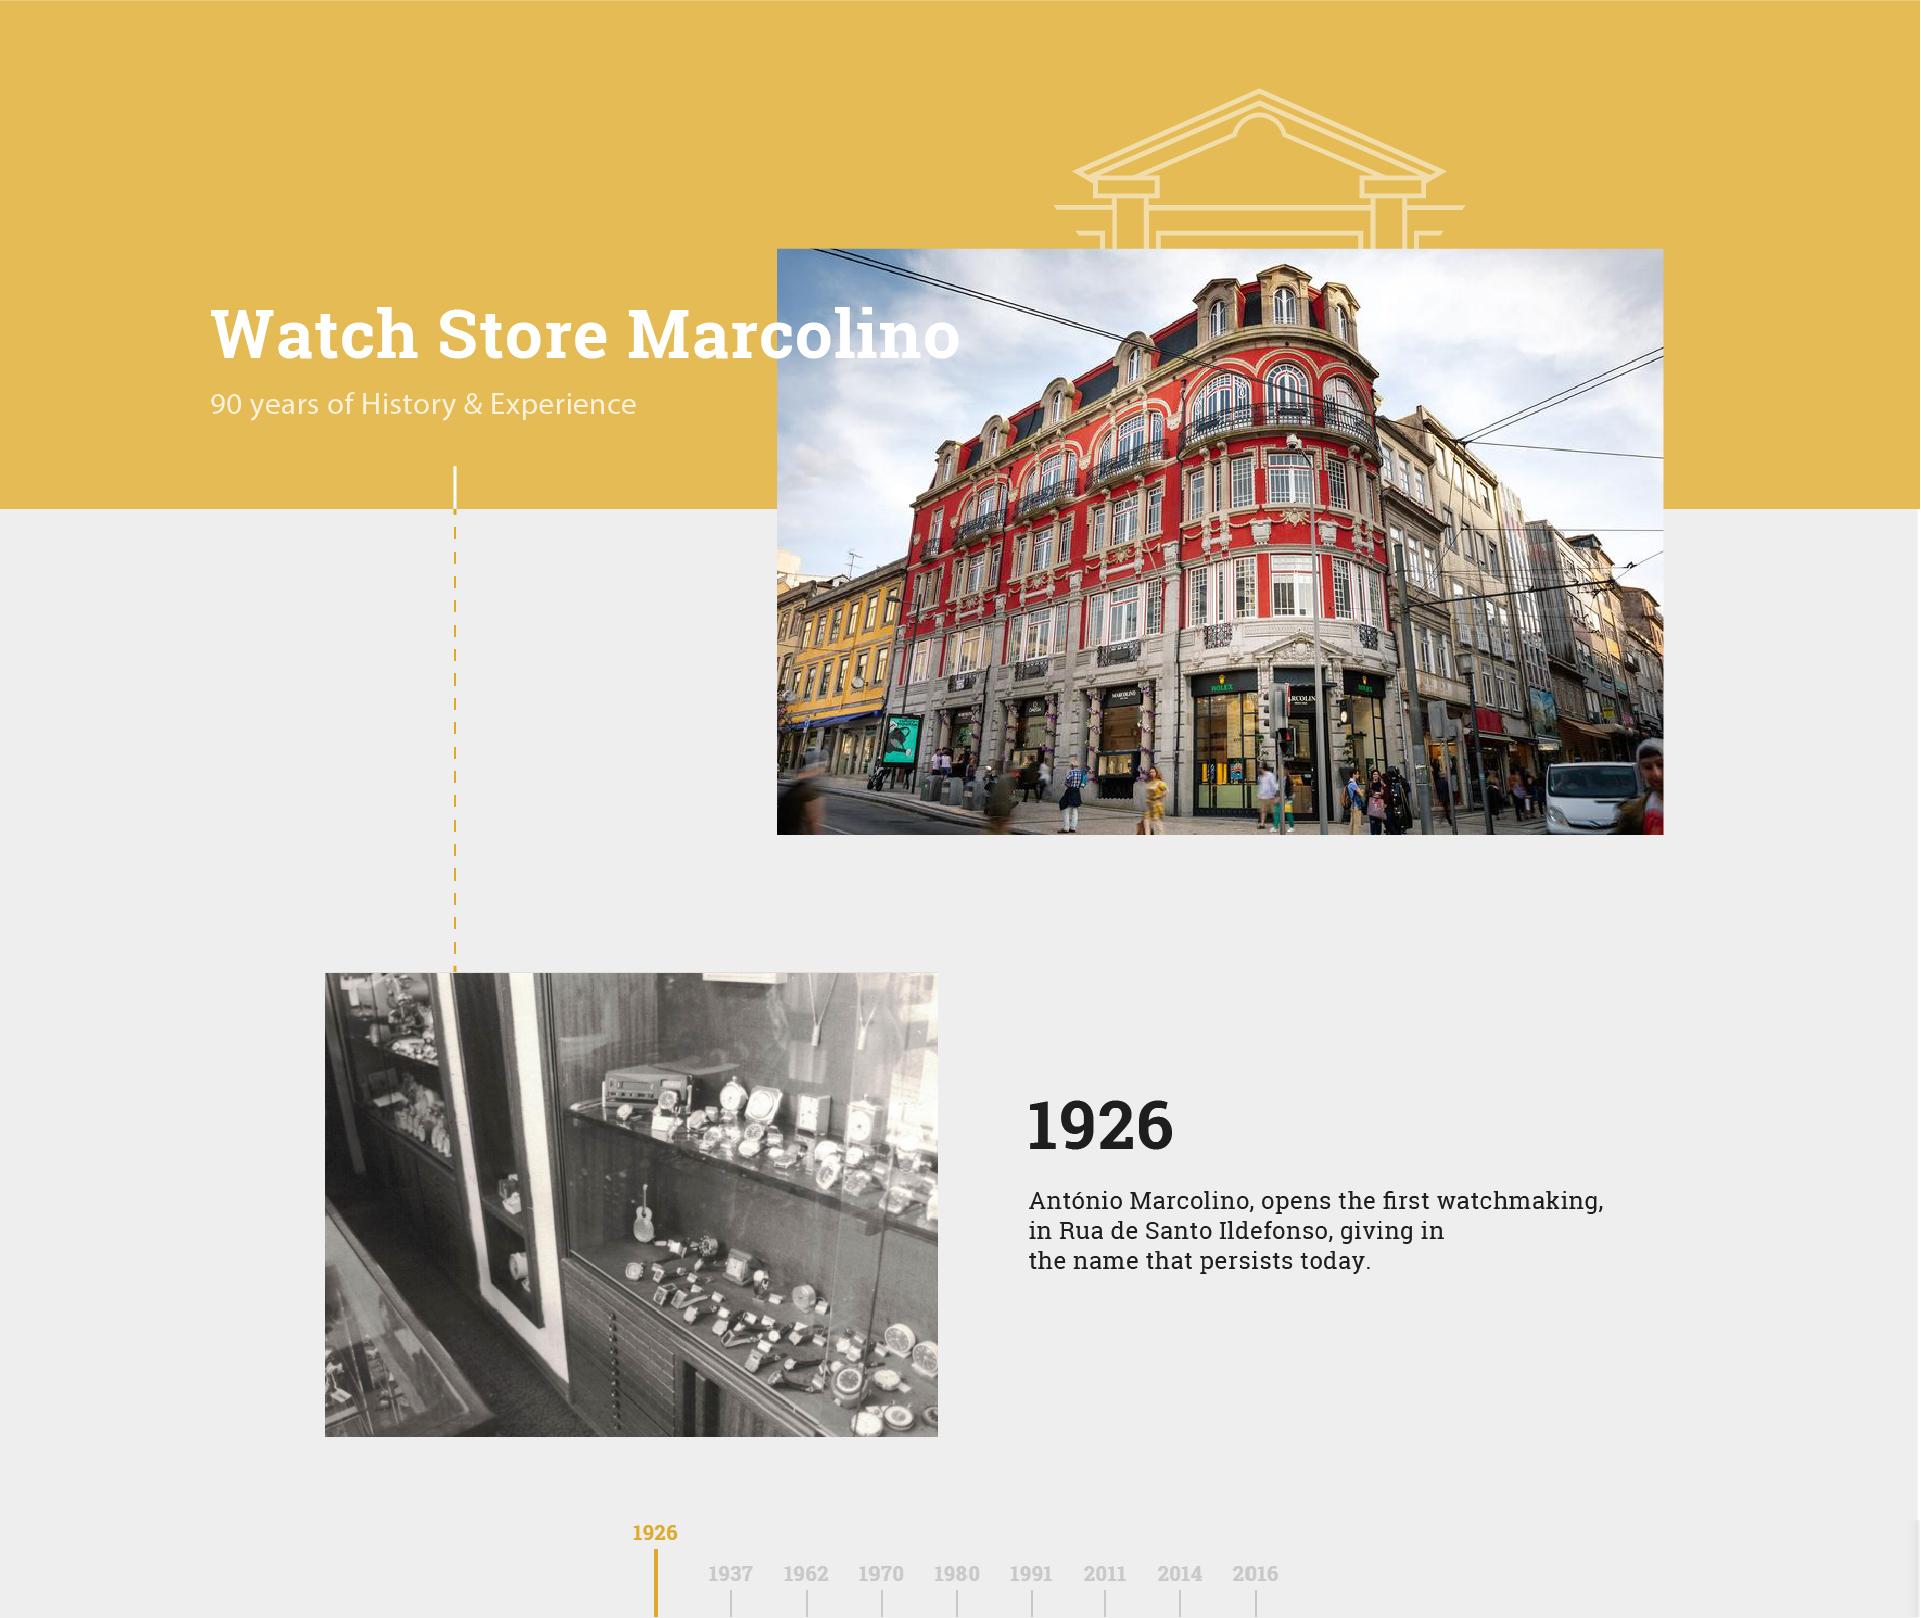 História e Experiência Marcolino